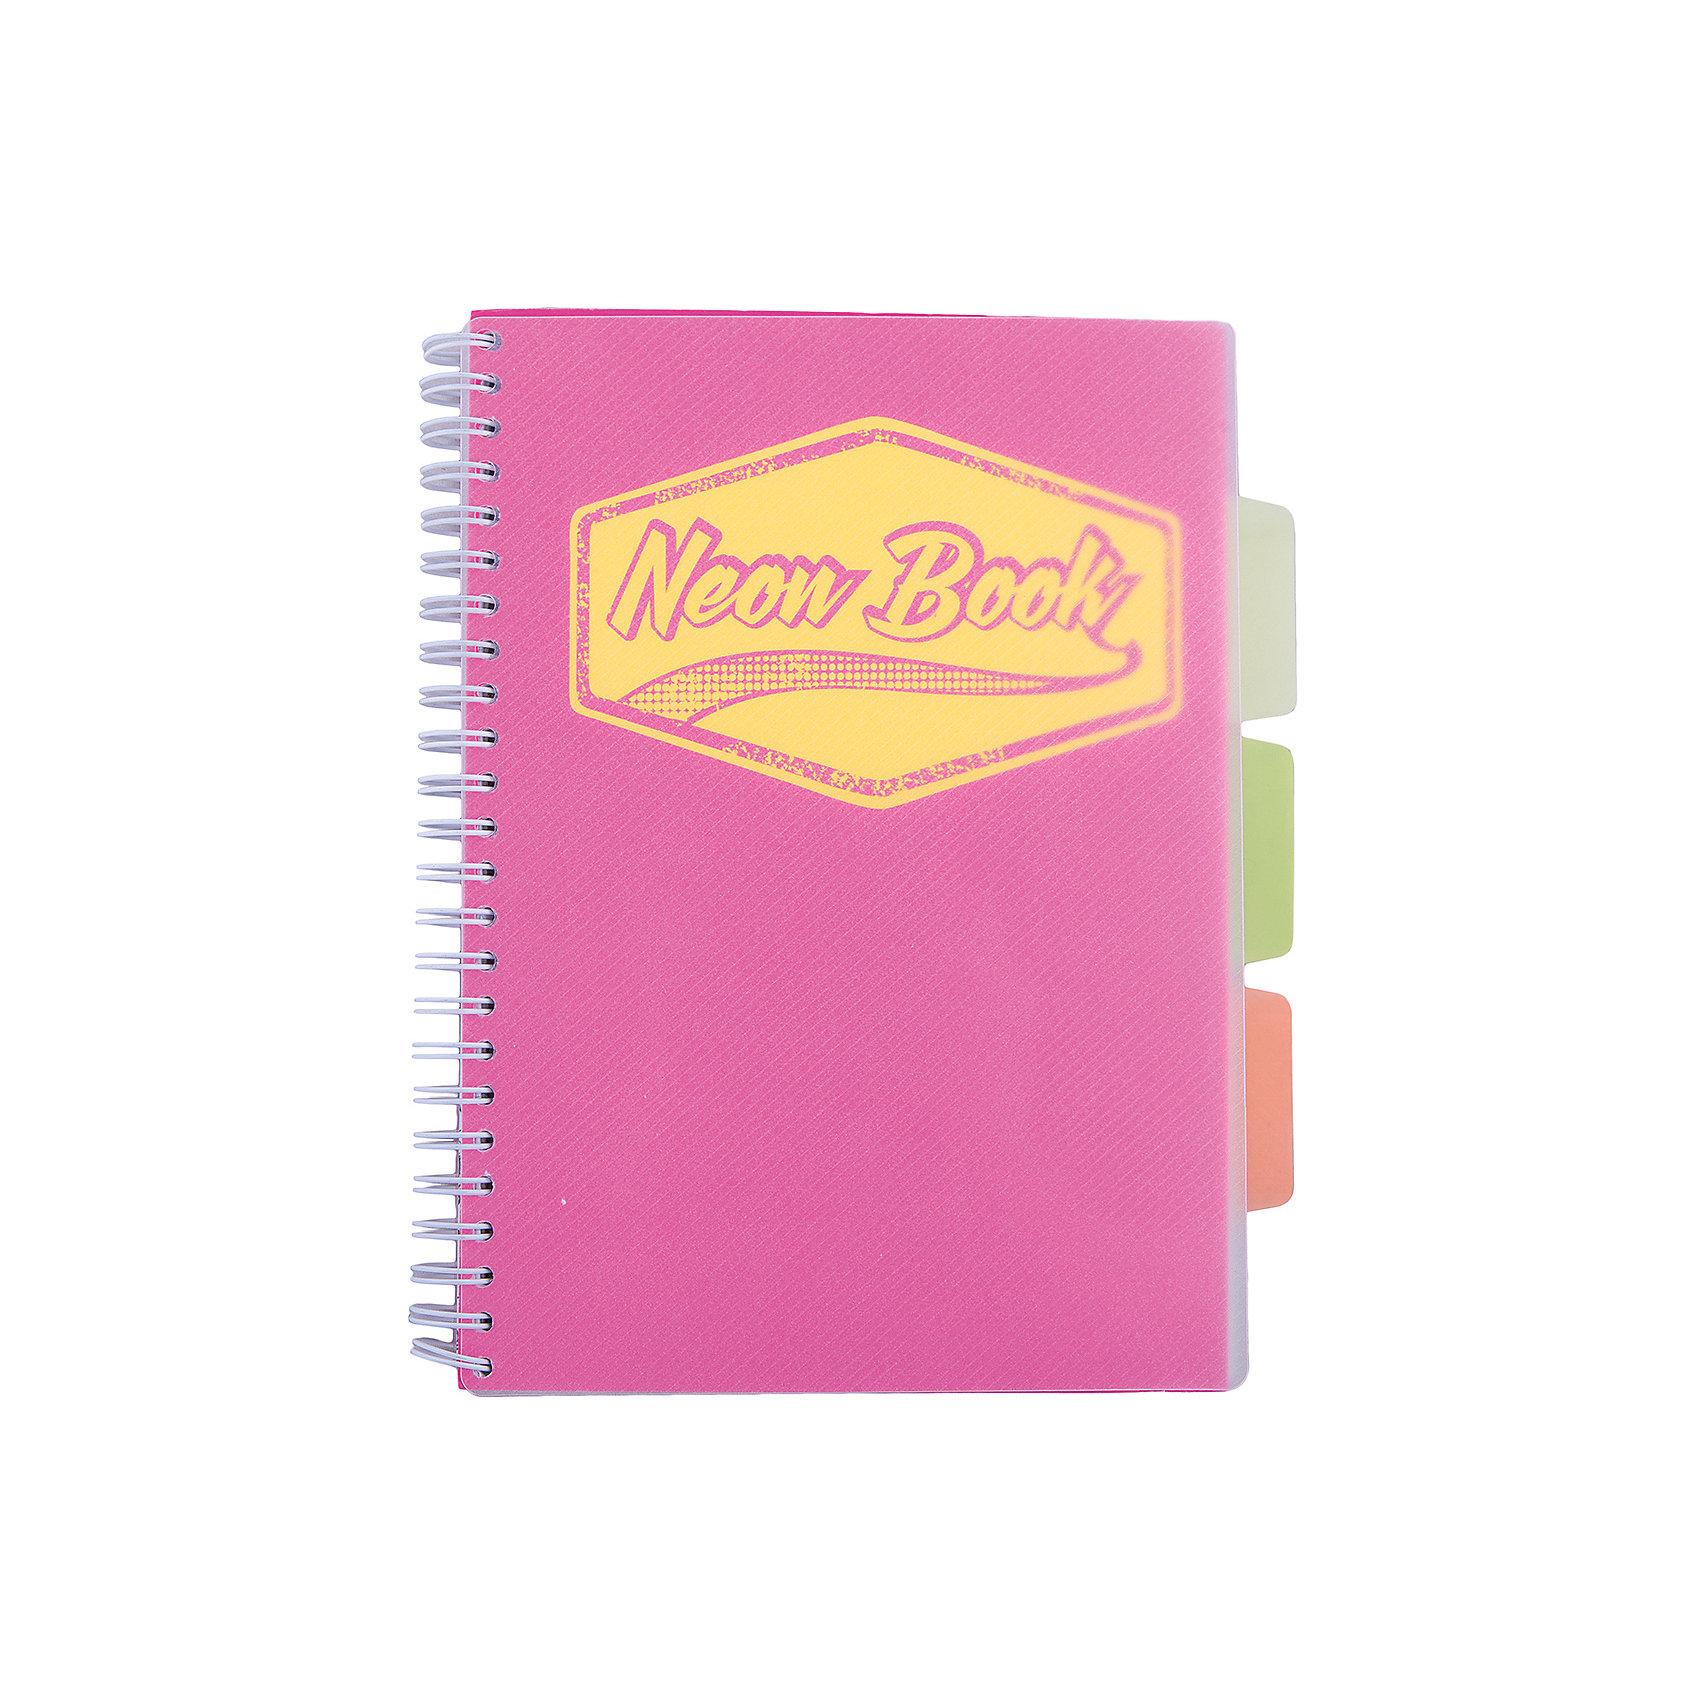 Розовая тетрадь А5 Neon book 120 листовБумажная продукция<br>Розовая тетрадь А5 Neon book 120 листов<br><br>Характеристики:<br><br>• Количество листов: 120<br>• Формат: А5<br>• Цвет: розовый<br>• Вес: 287г<br>• Размер: 203х15х168мм<br>• Тип: в клеточку, три разделителя<br><br>Большая общая тетрадь с тремя цветными разделителями идеально подойдет для дополнительных занятий или школьных уроков, где необходимо несколько тетрадей. Пластиковая обложка надежно защищает листы от попадания влаги. Крепление на гребне очень удобное и делает тетрадь компактной.<br><br>Розовую тетрадь А5 Neon book 120 листов можно купить в нашем интернет-магазине.<br><br>Ширина мм: 203<br>Глубина мм: 15<br>Высота мм: 168<br>Вес г: 287<br>Возраст от месяцев: 84<br>Возраст до месяцев: 360<br>Пол: Унисекс<br>Возраст: Детский<br>SKU: 5390348